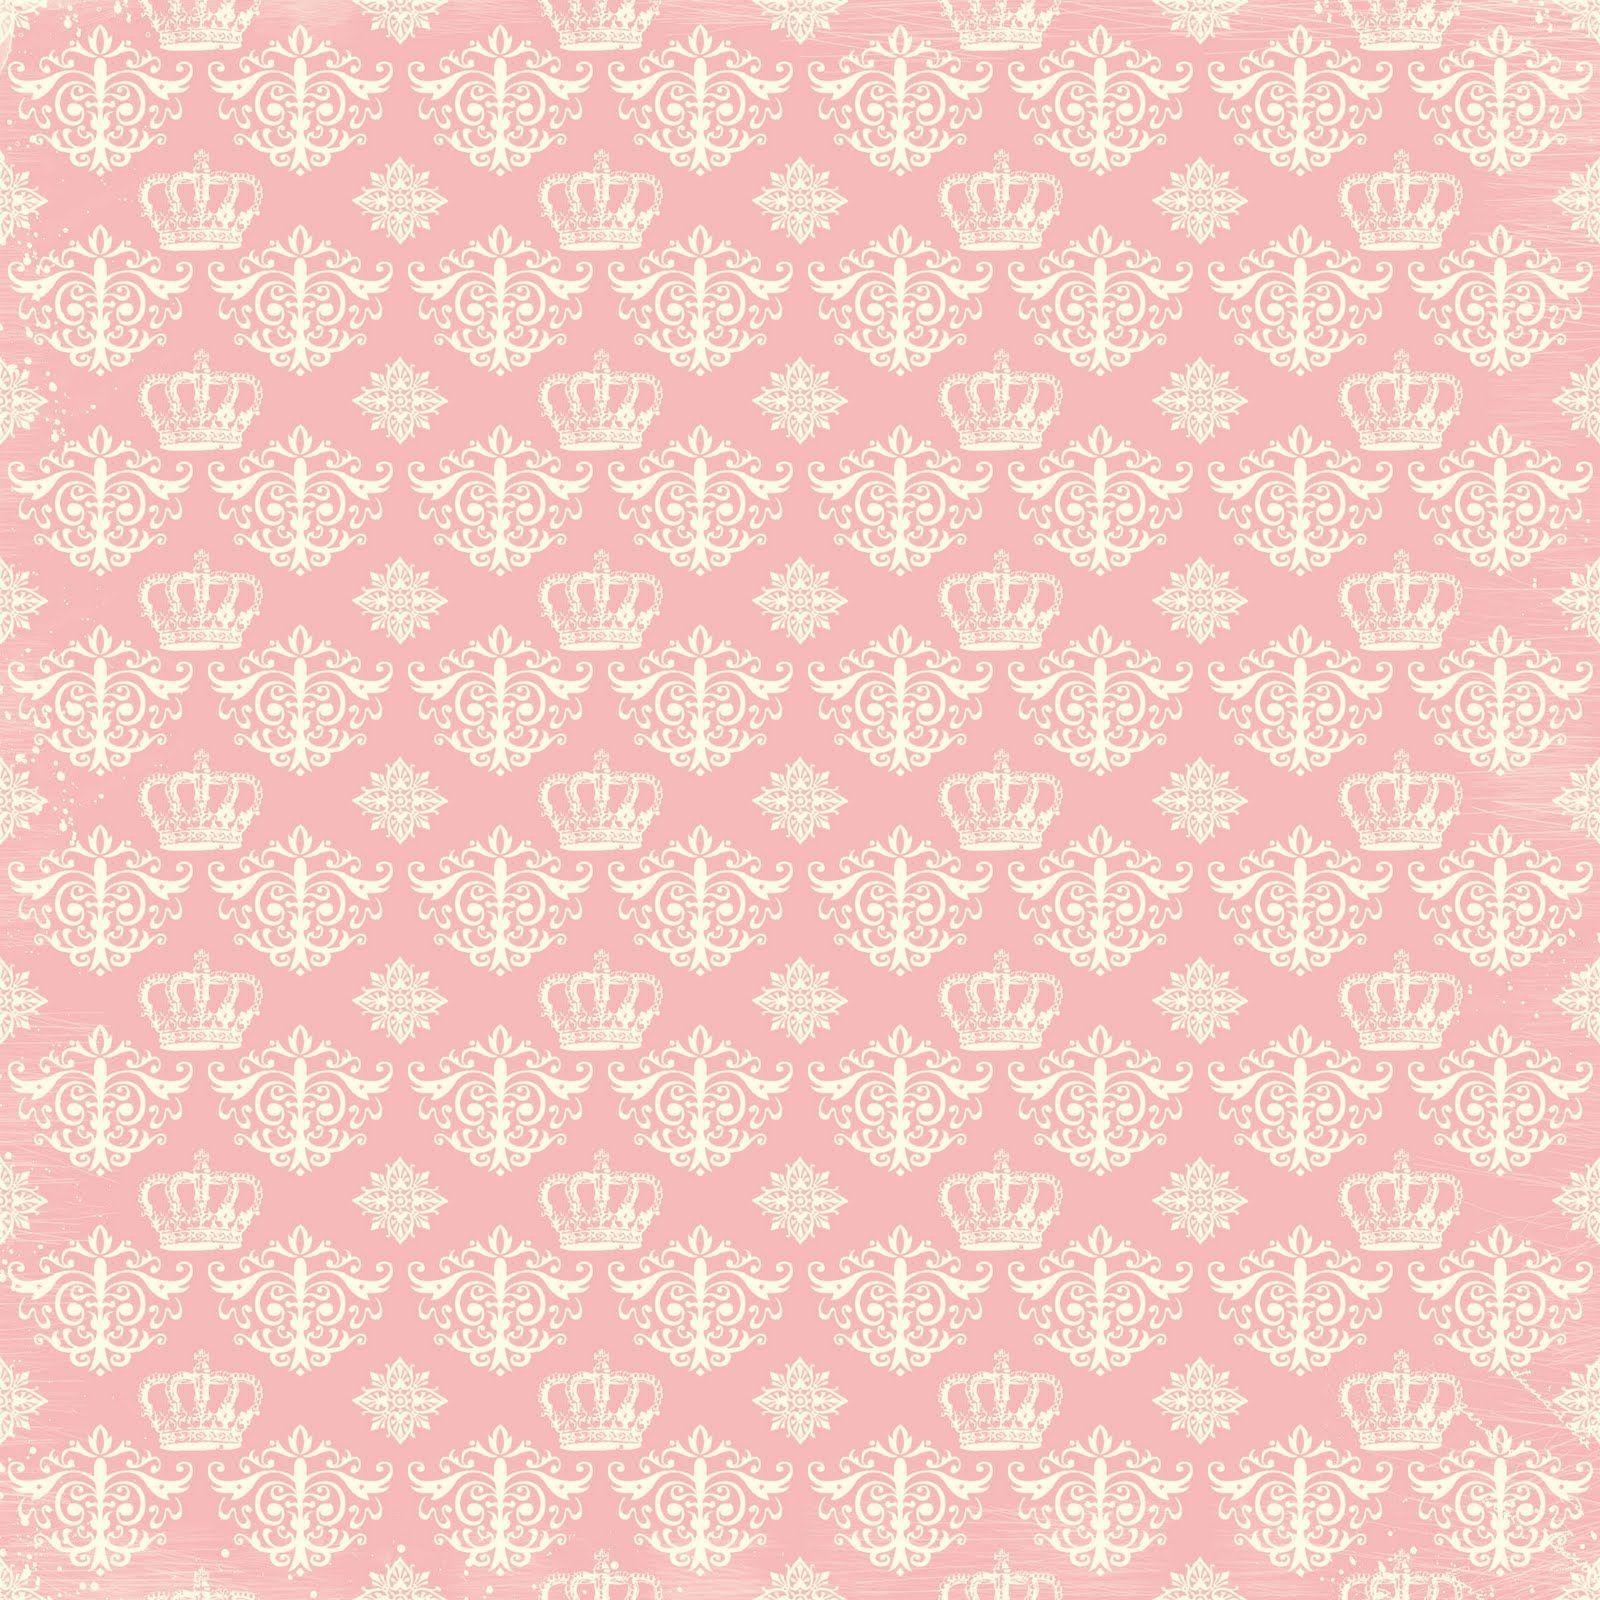 Scrapbook paper download - Cream Crowns And Damasks On Pink Background Vintage Pinkvintage Paperdigital Scrapbook